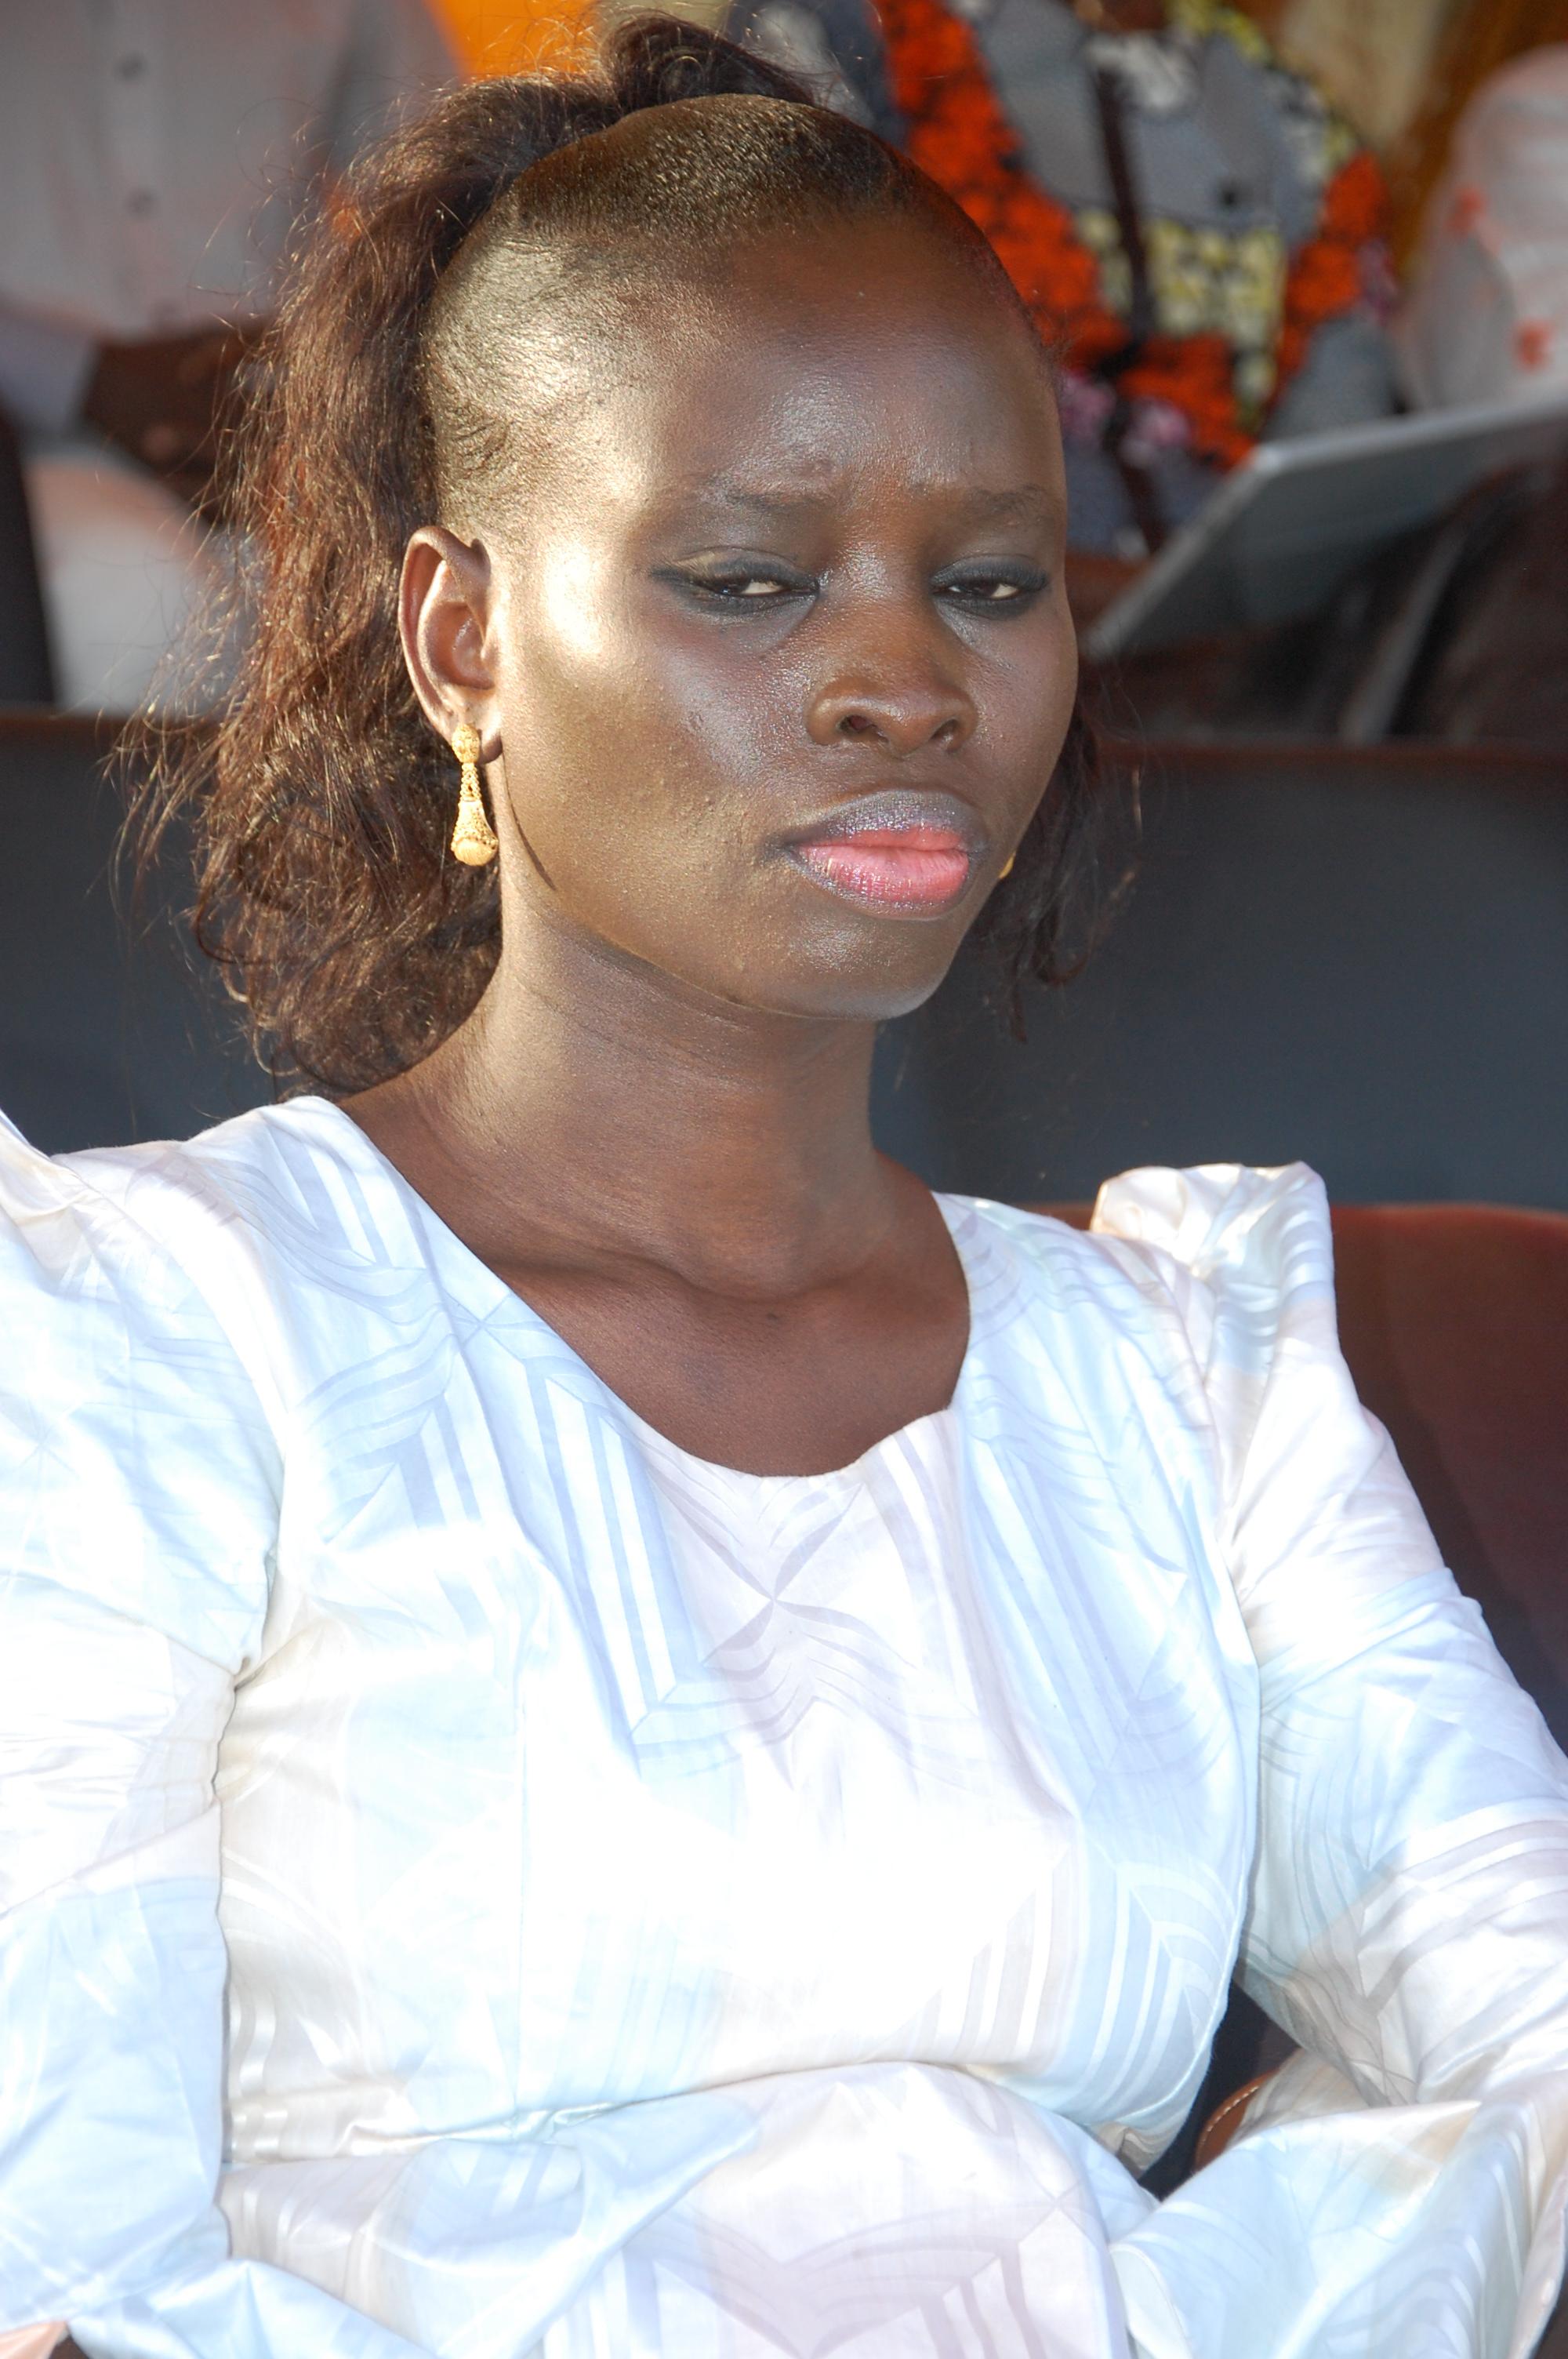 Forum des acteurs de la petite enfance : « Plus de 30% des enfants de moins de 5 ans ne sont pas enregistrés à la naissance... », révèle Edele Thebaud de l'Unicef